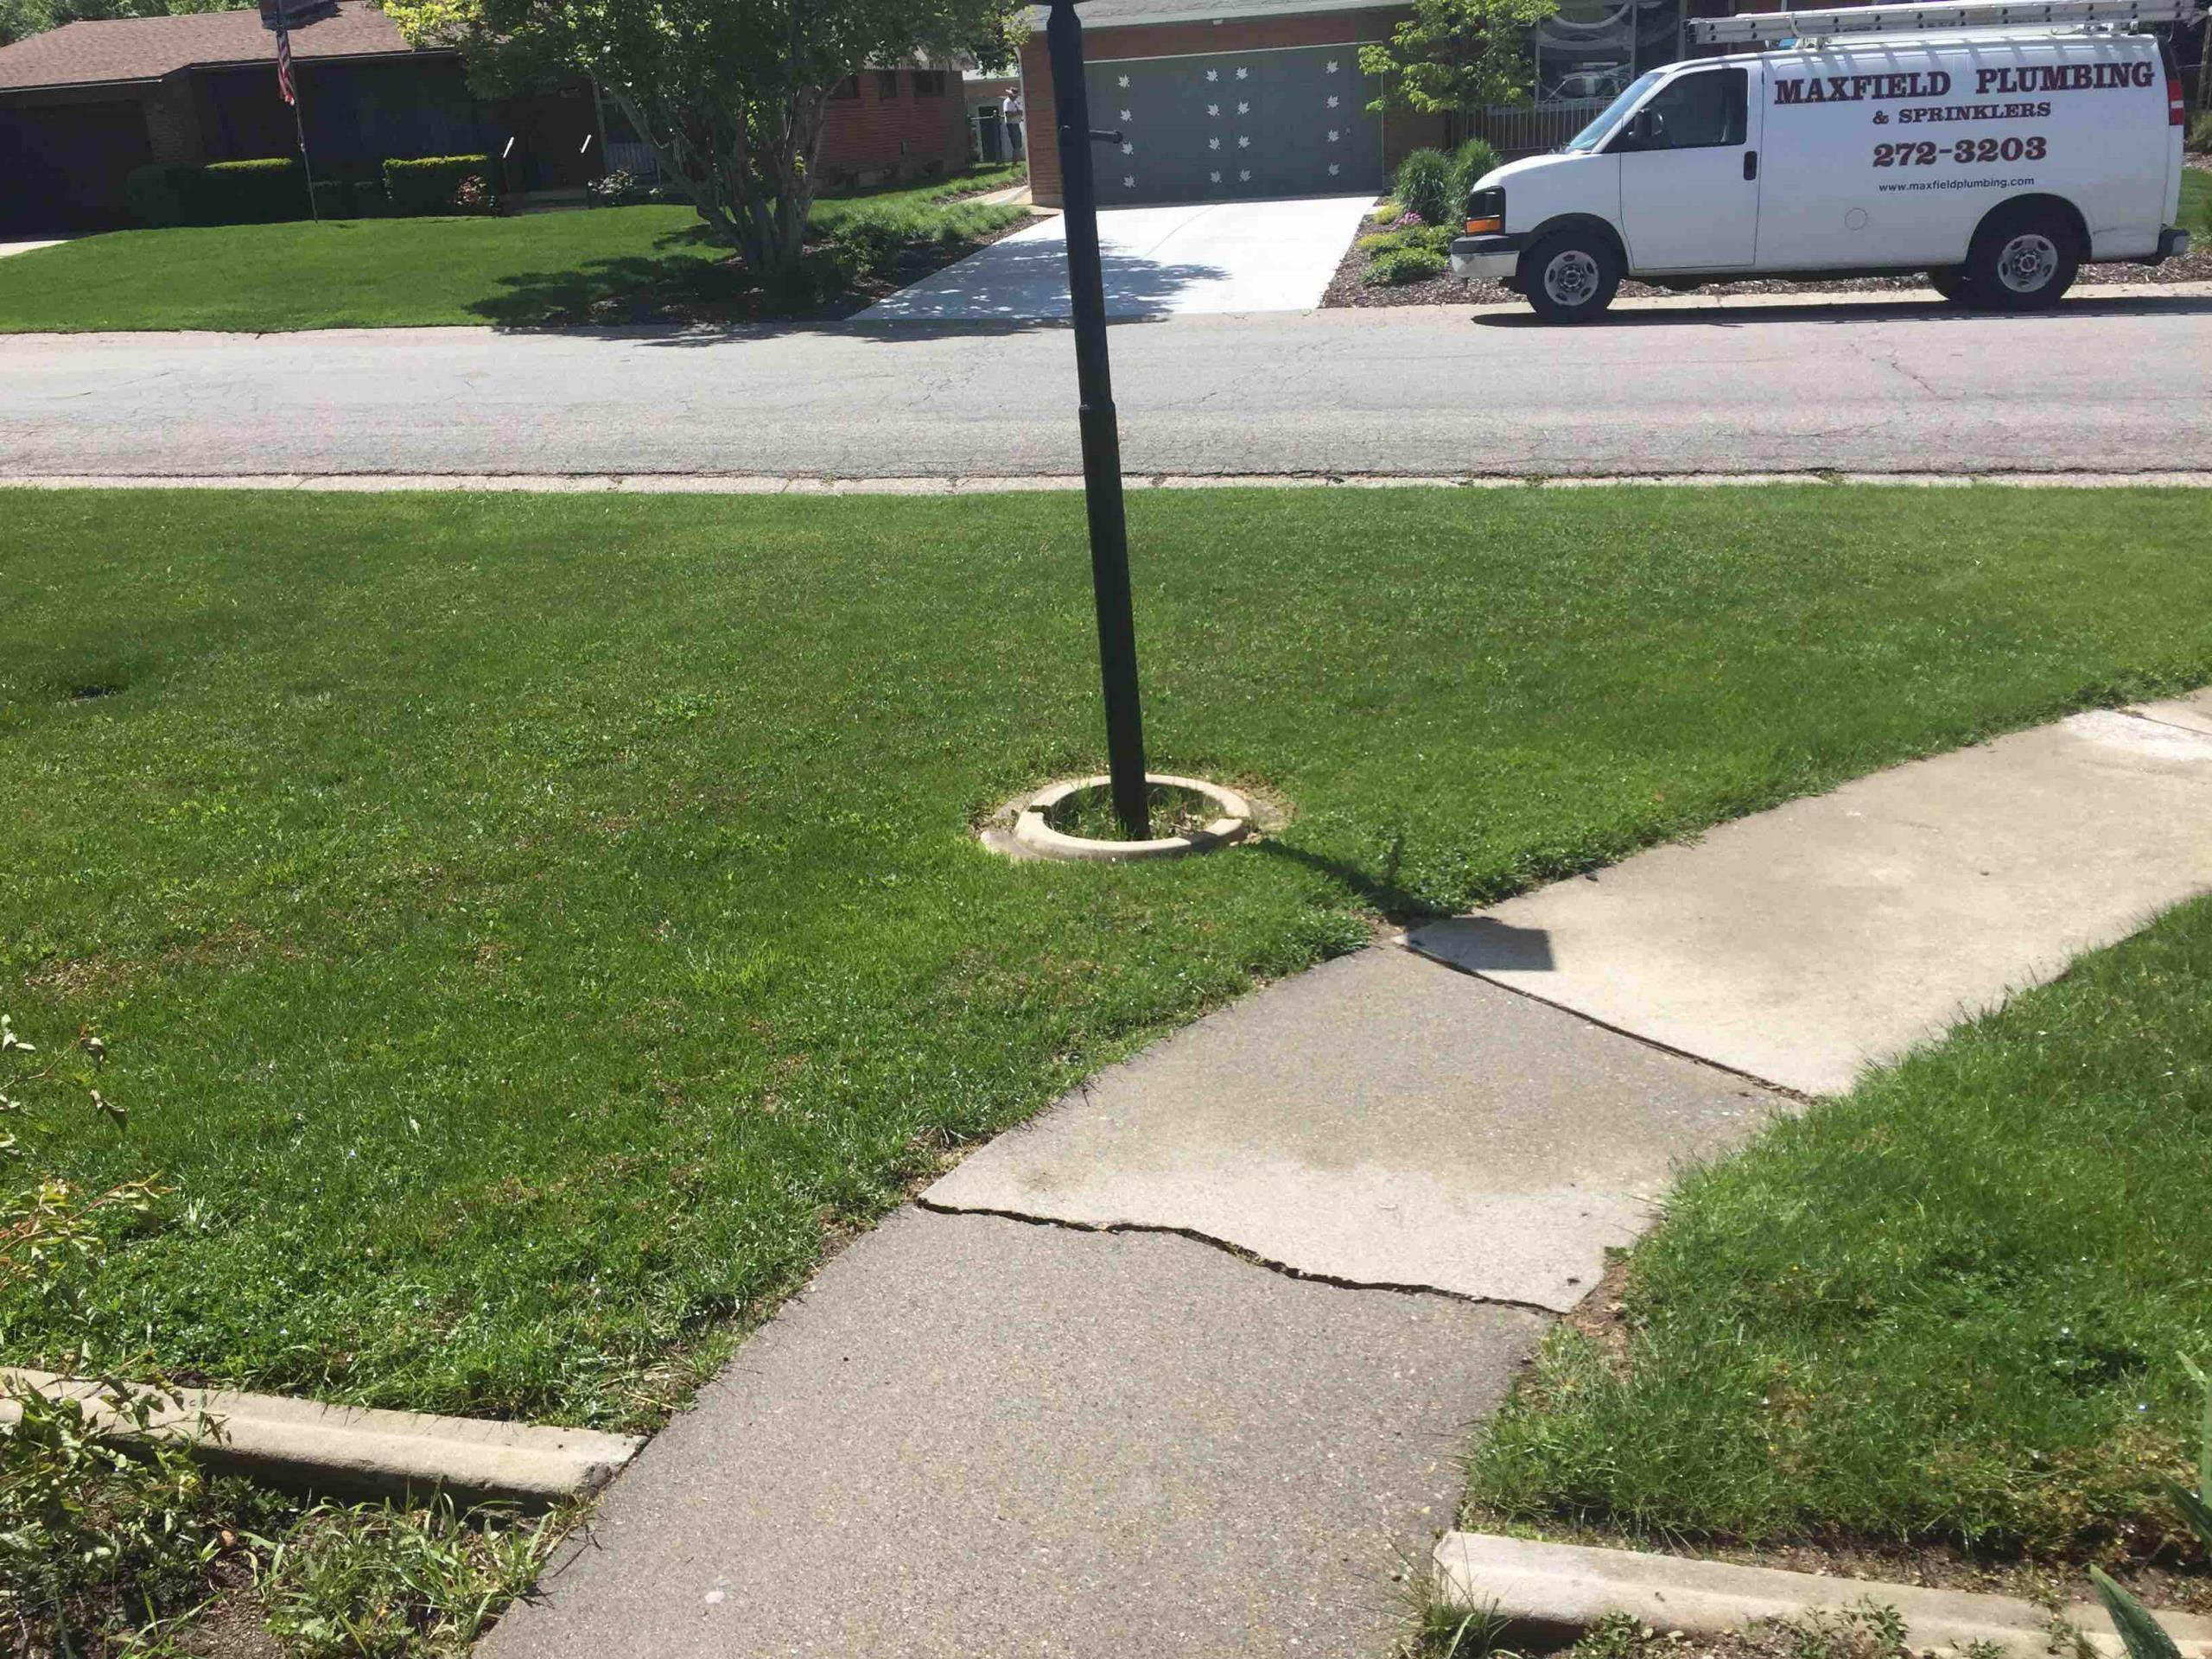 Millcreek, UT - repair sprinklers, set up sprinklers for season